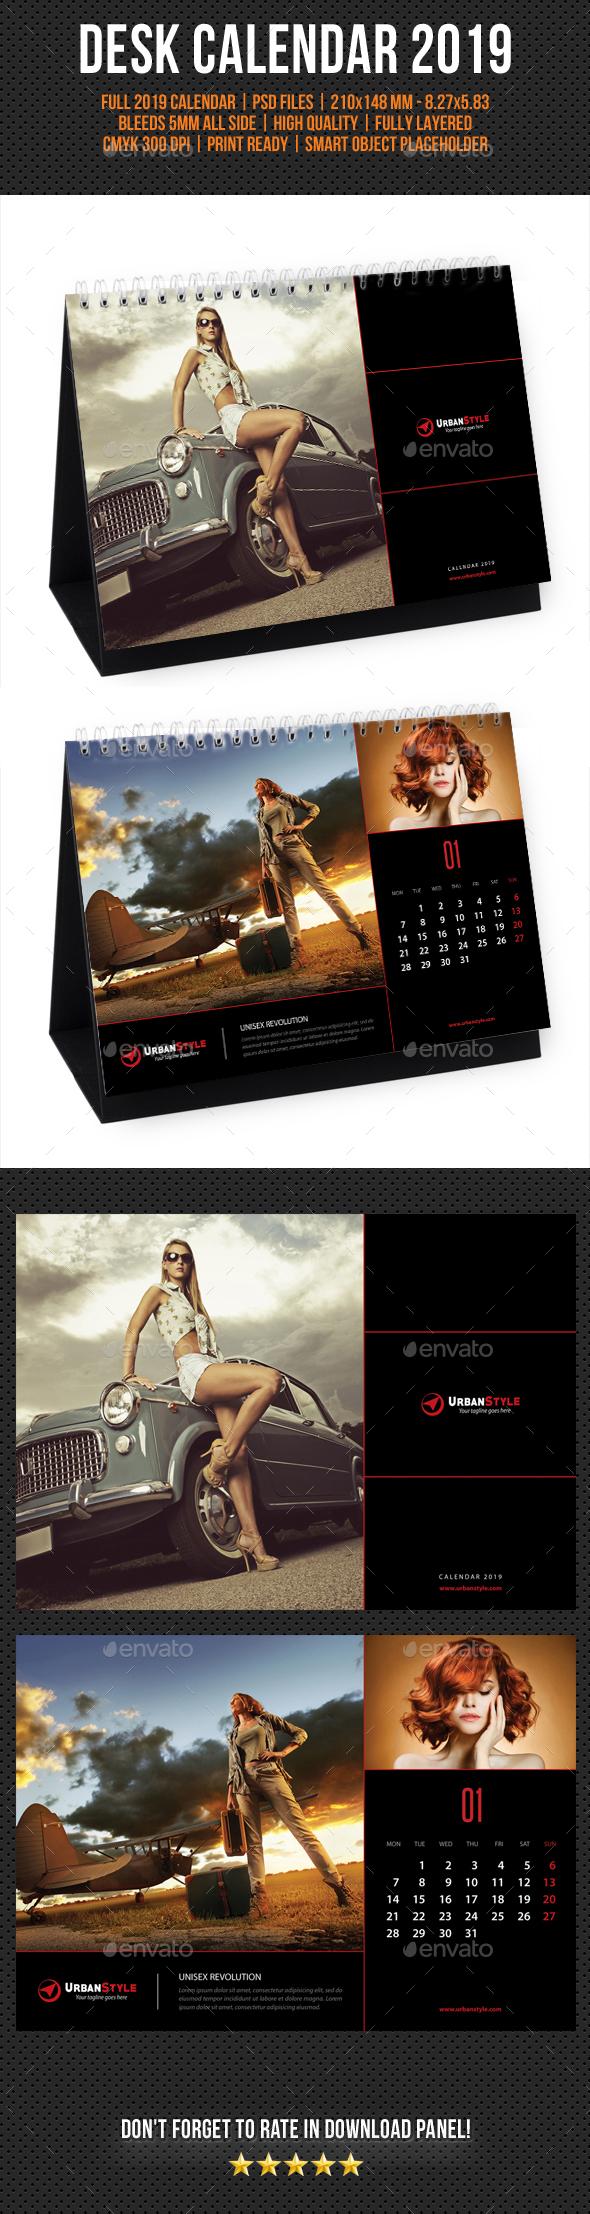 Creative Desk Calendar 2019 V03 - Calendars Stationery